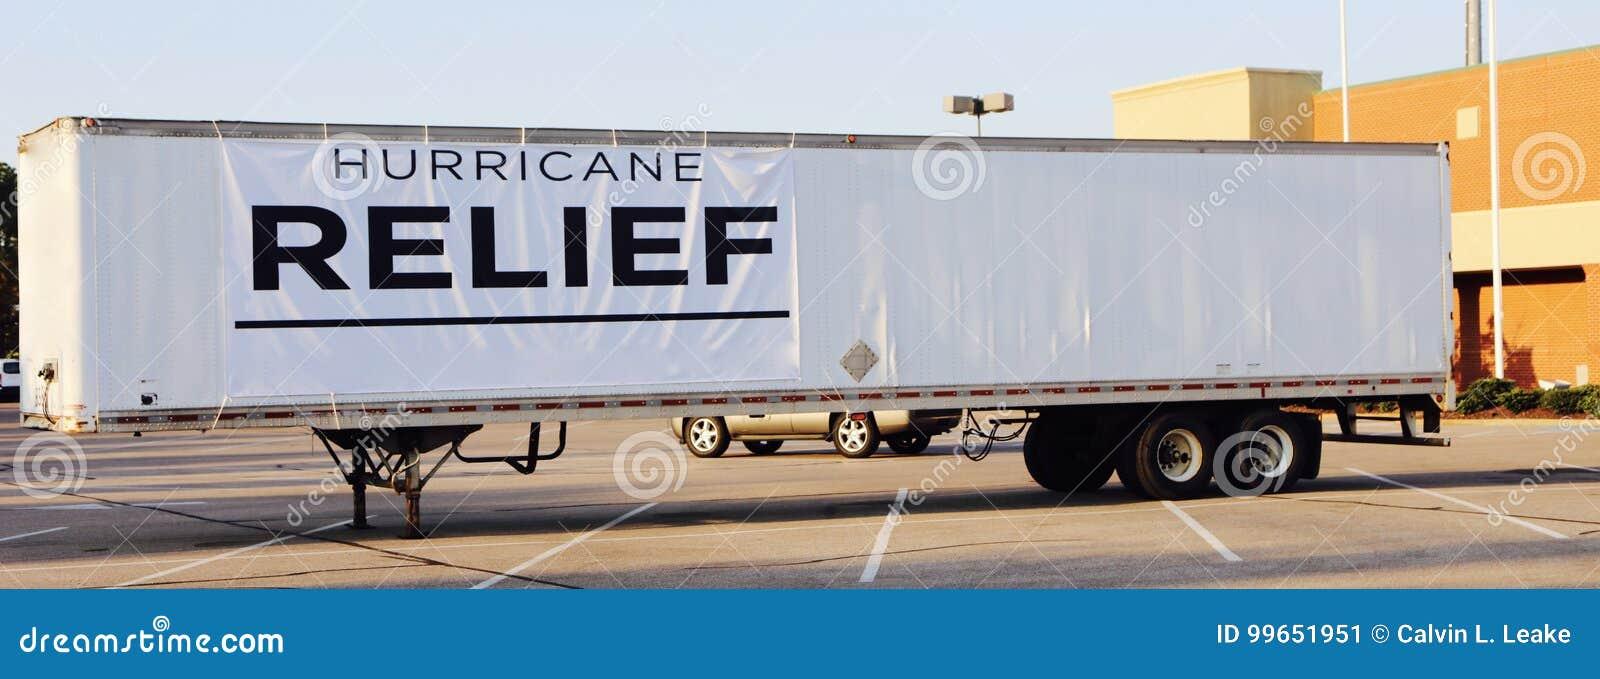 De Vrachtwagen van de orkaanhulp voor Irma en Harvey Victims